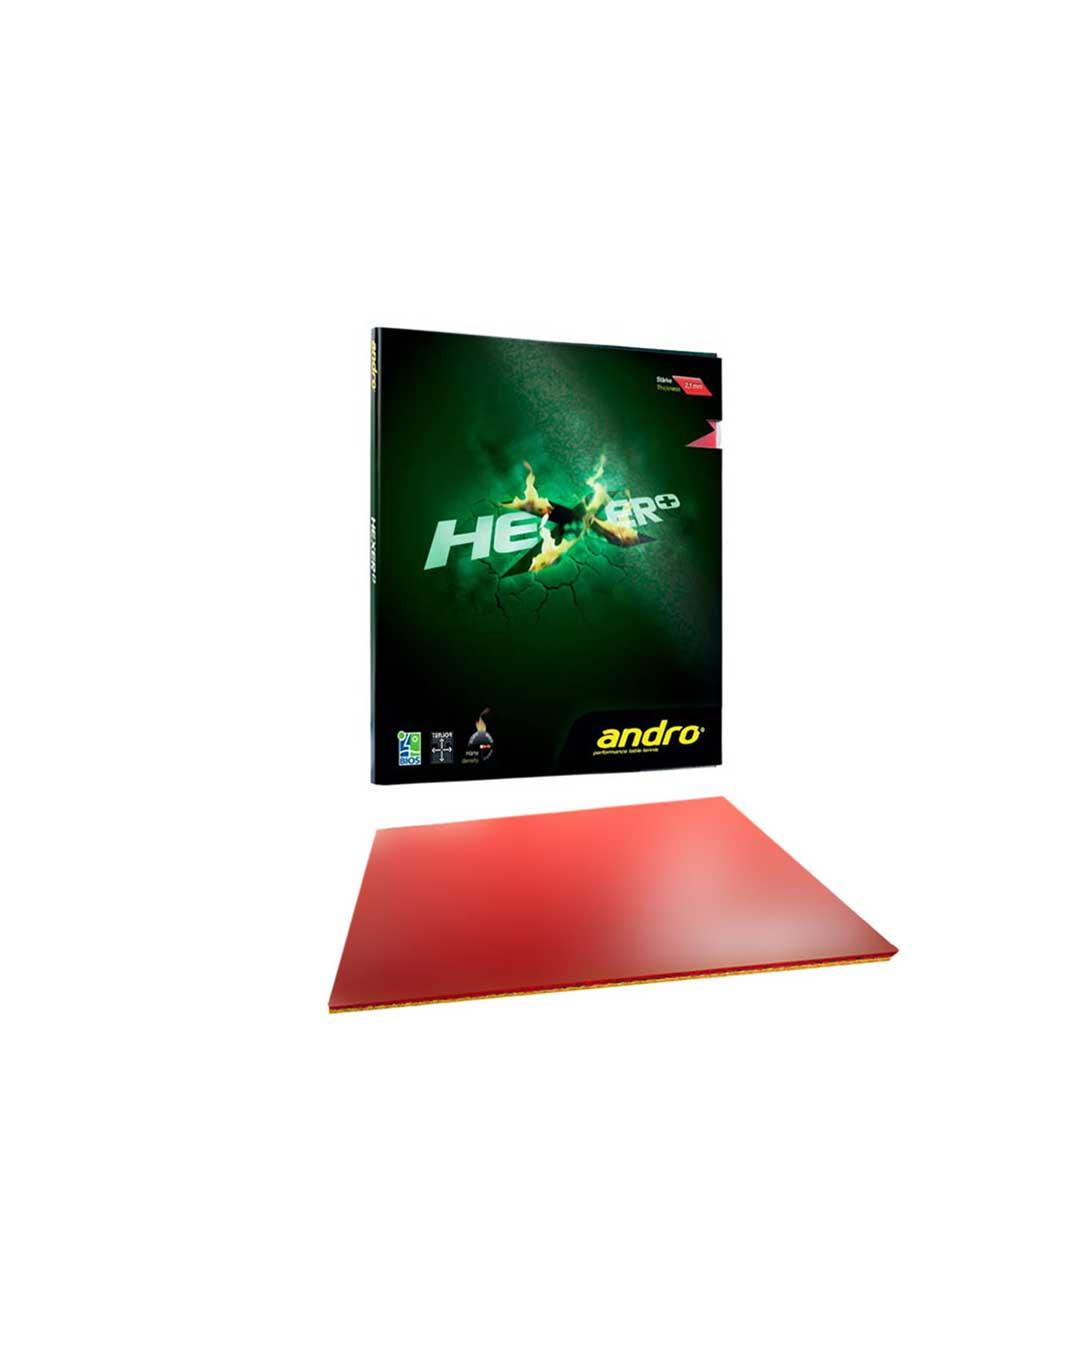 Goma Tenis de Mesa Andro HeXer+ (más) Red 2.1 mm